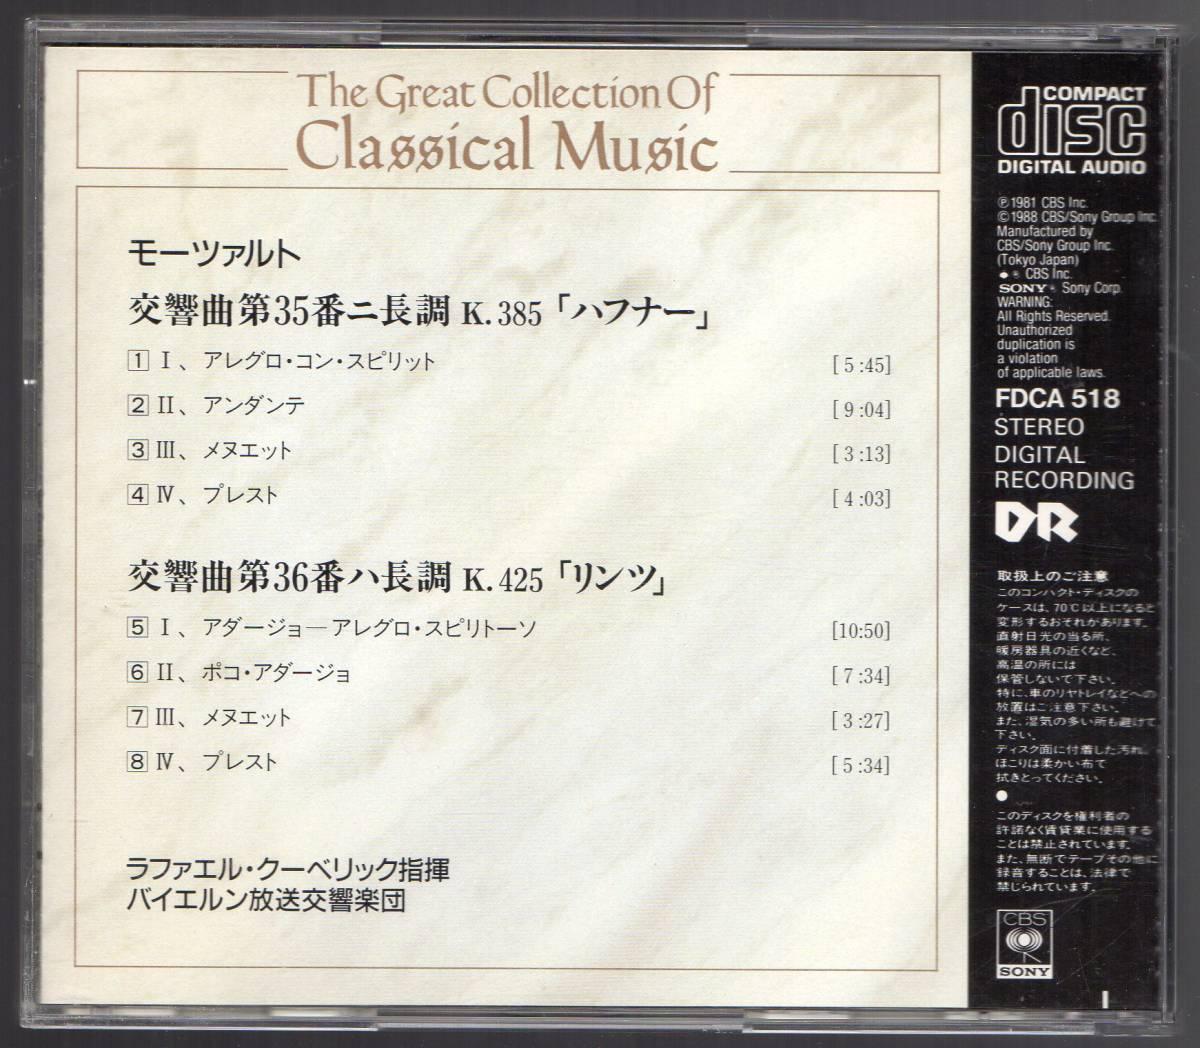 CD モーツァルト:交響曲第35番「ハフナー」、第36番「リンツ」  ラファエル・クーベリック指揮 バイエルン放送交響楽団 _画像2